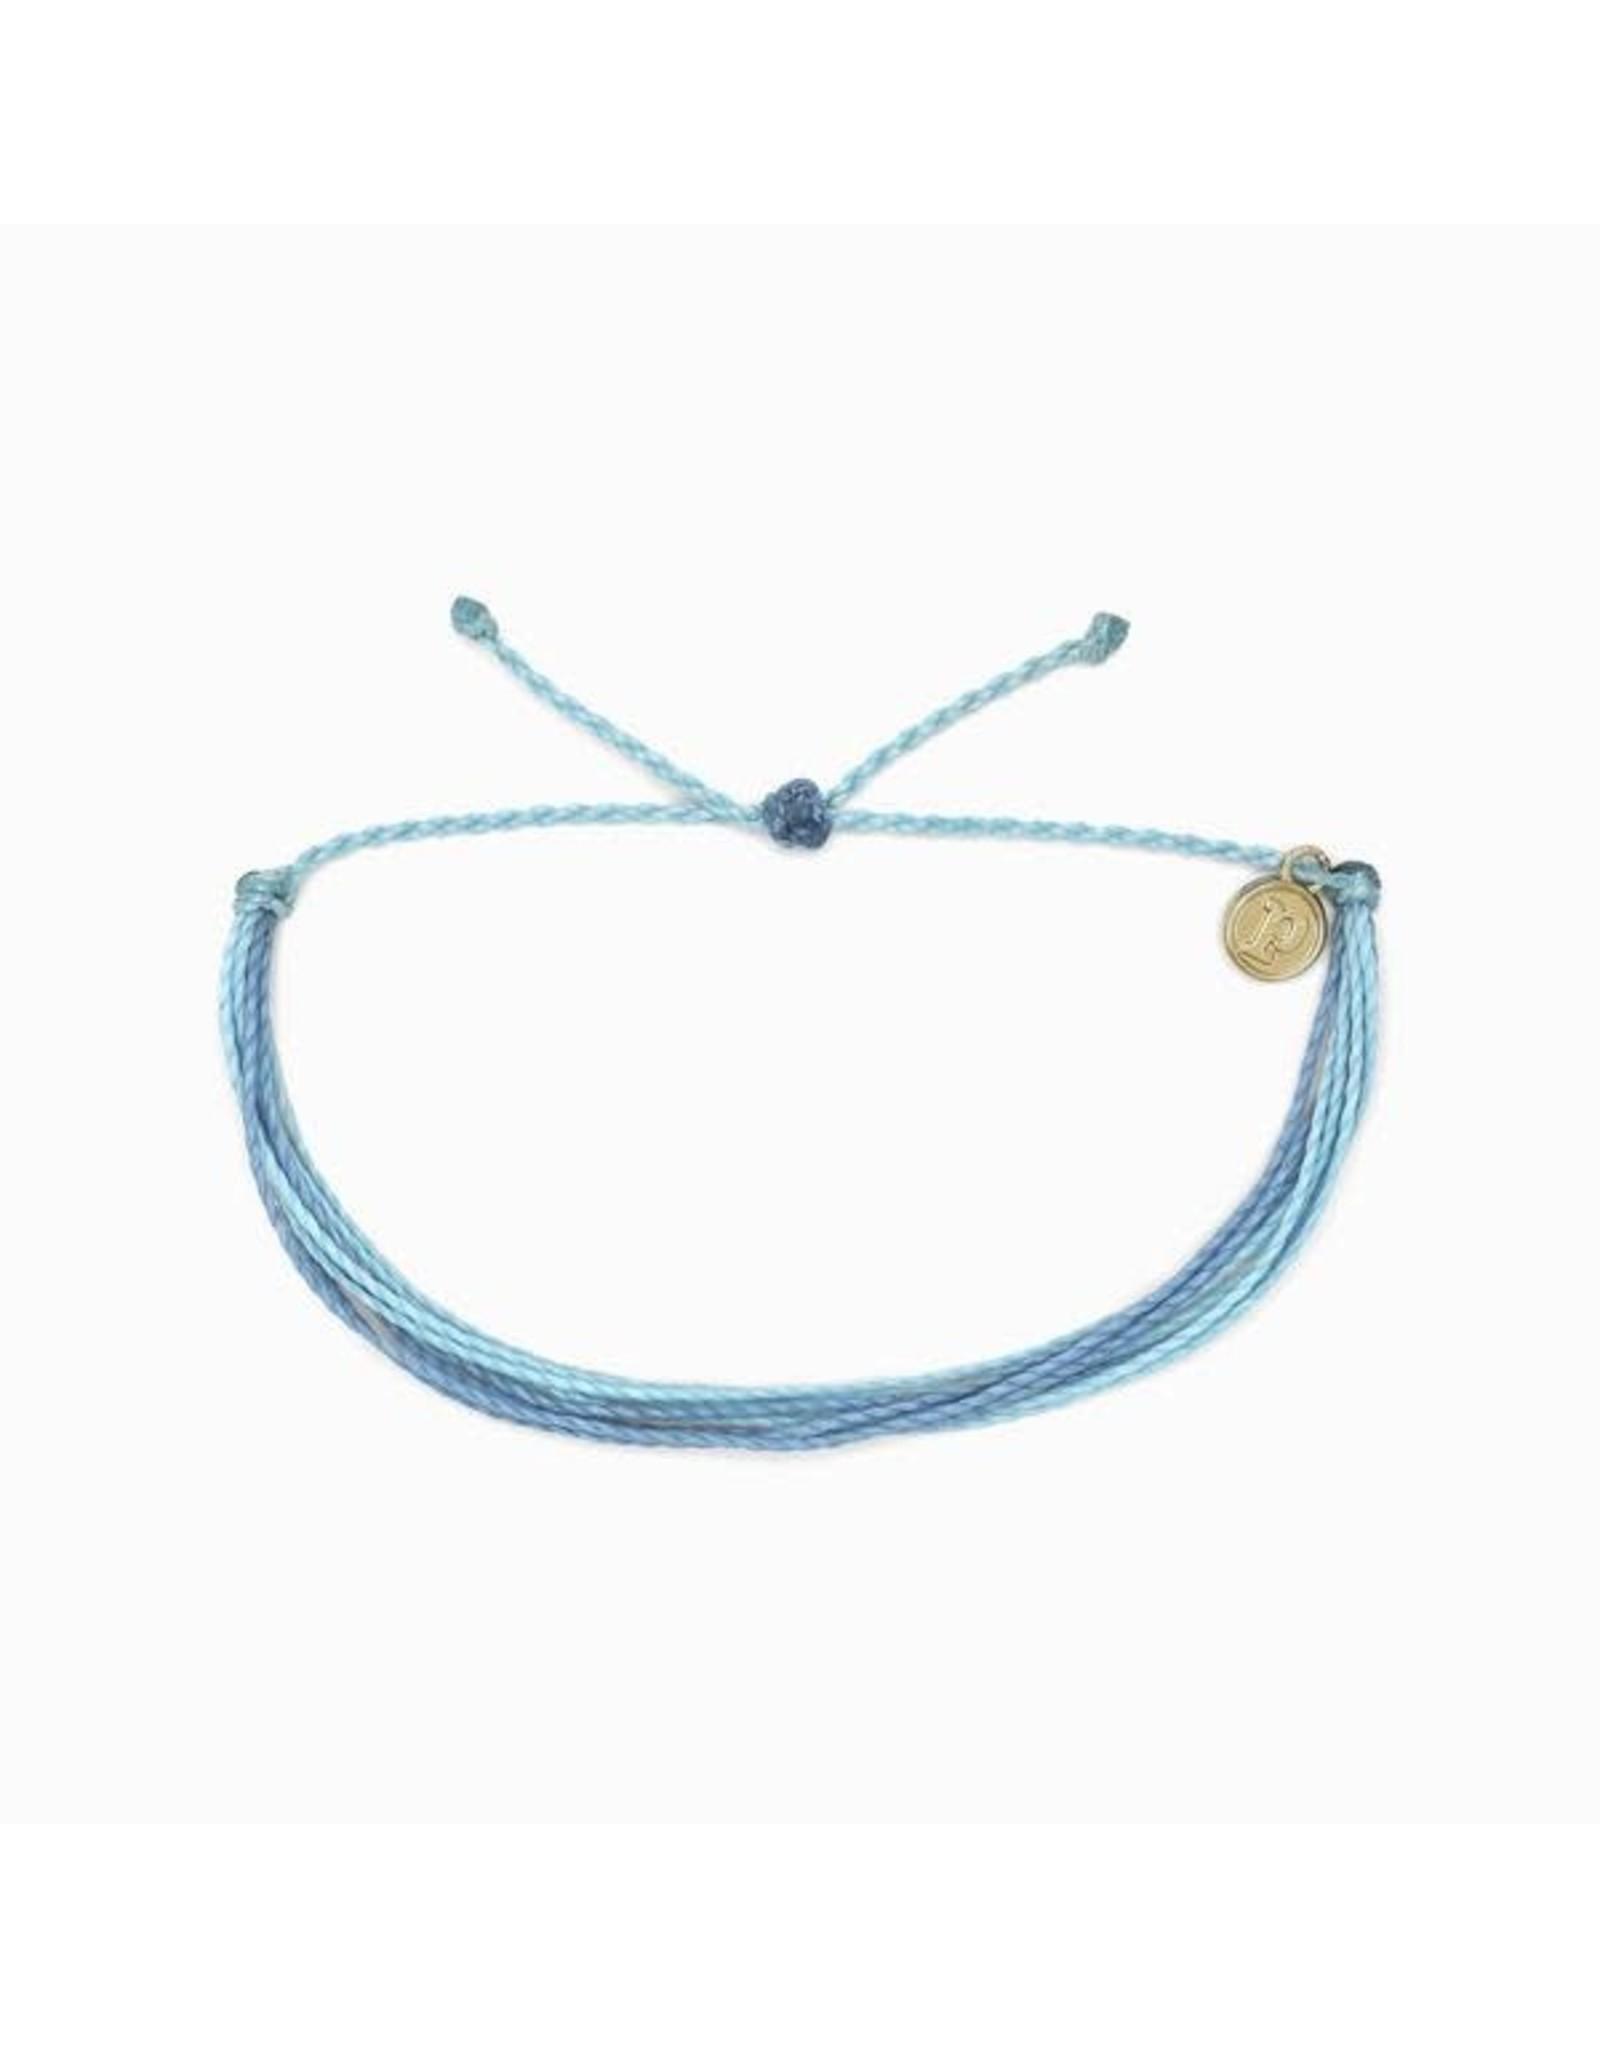 Puravida Bracelets Charity Original Parkinson's Disease Awareness